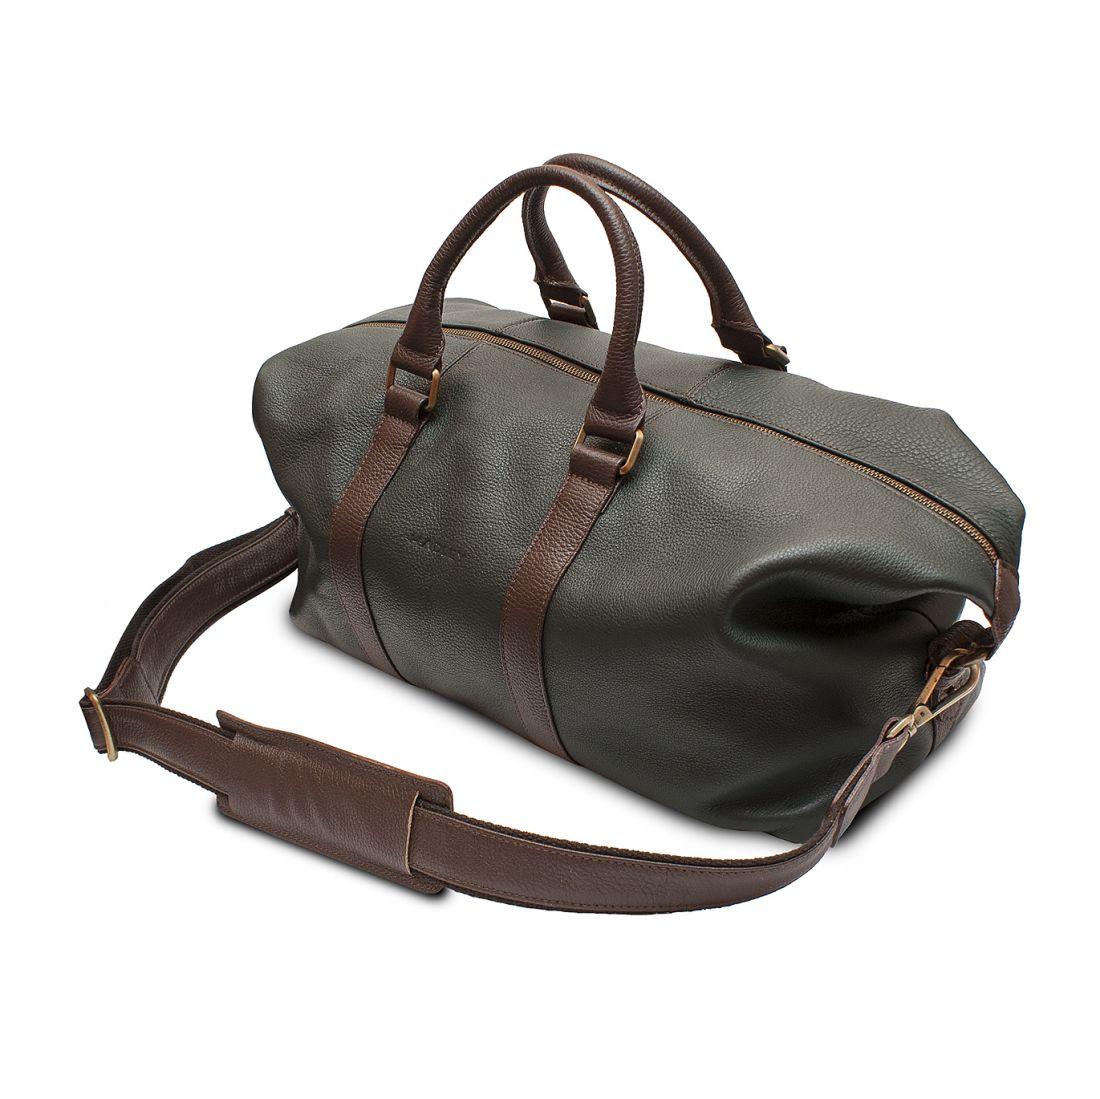 HADLEY GREENWOOD большая дорожная сумка